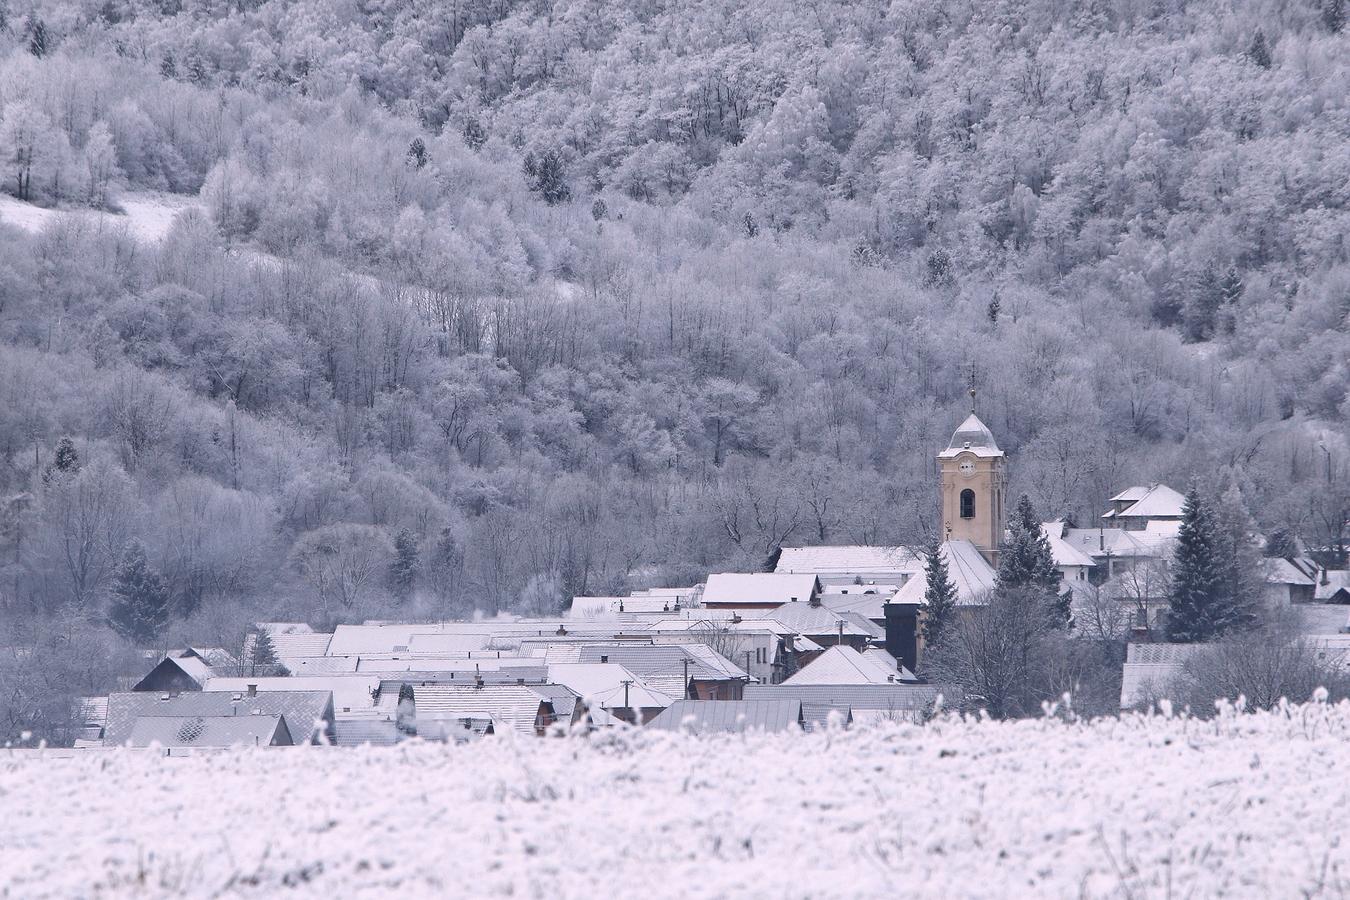 ... dedinka za kopcom...